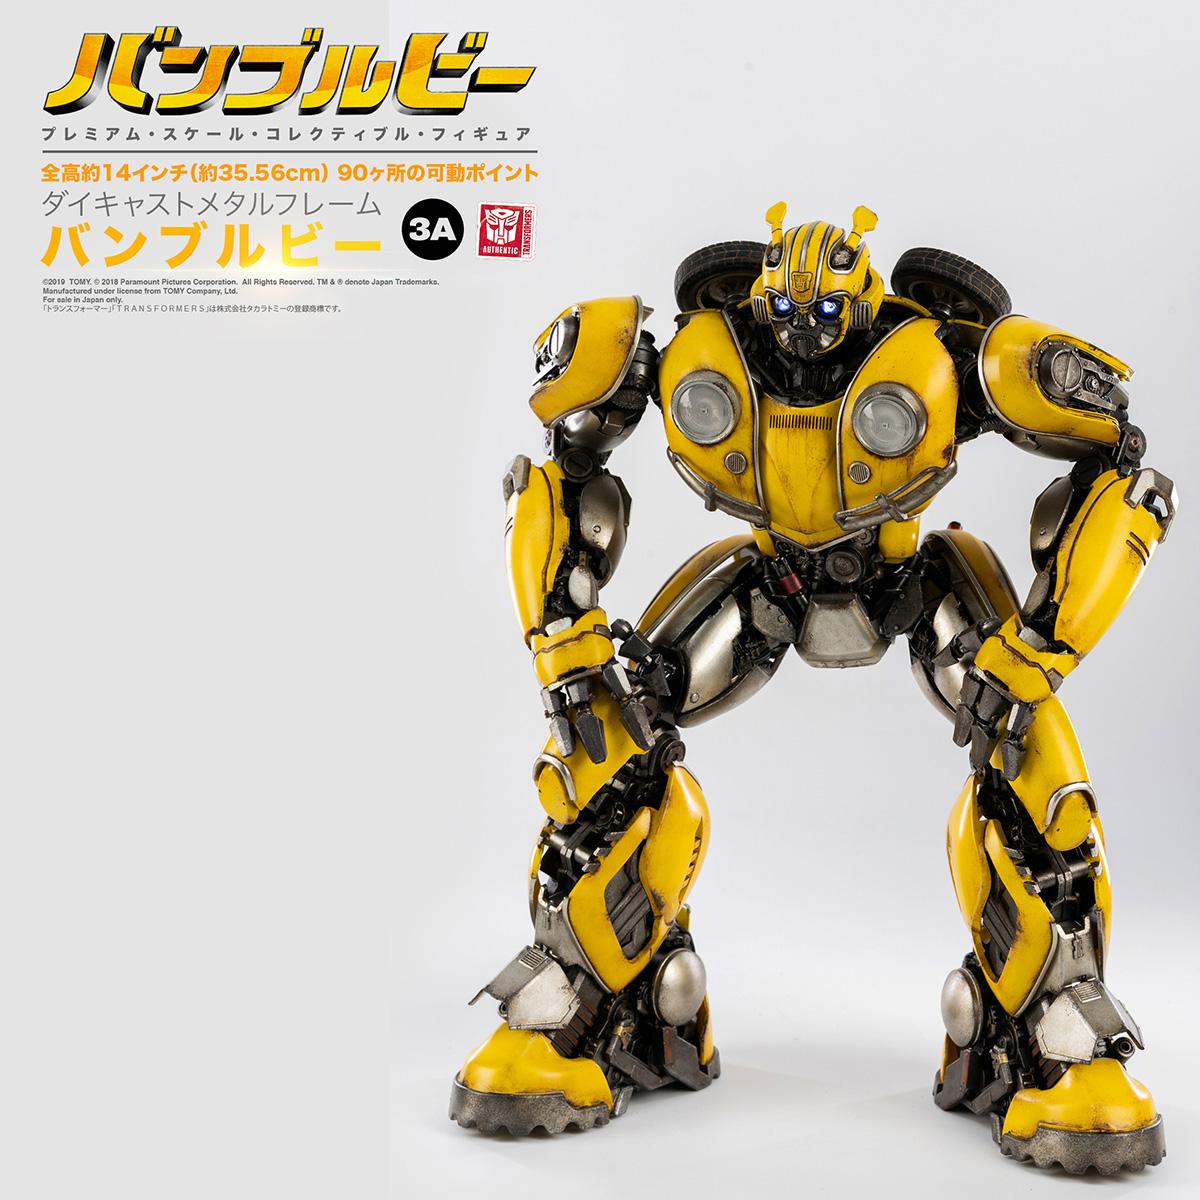 w_Bumblebee_JAP_PM_00014.jpg